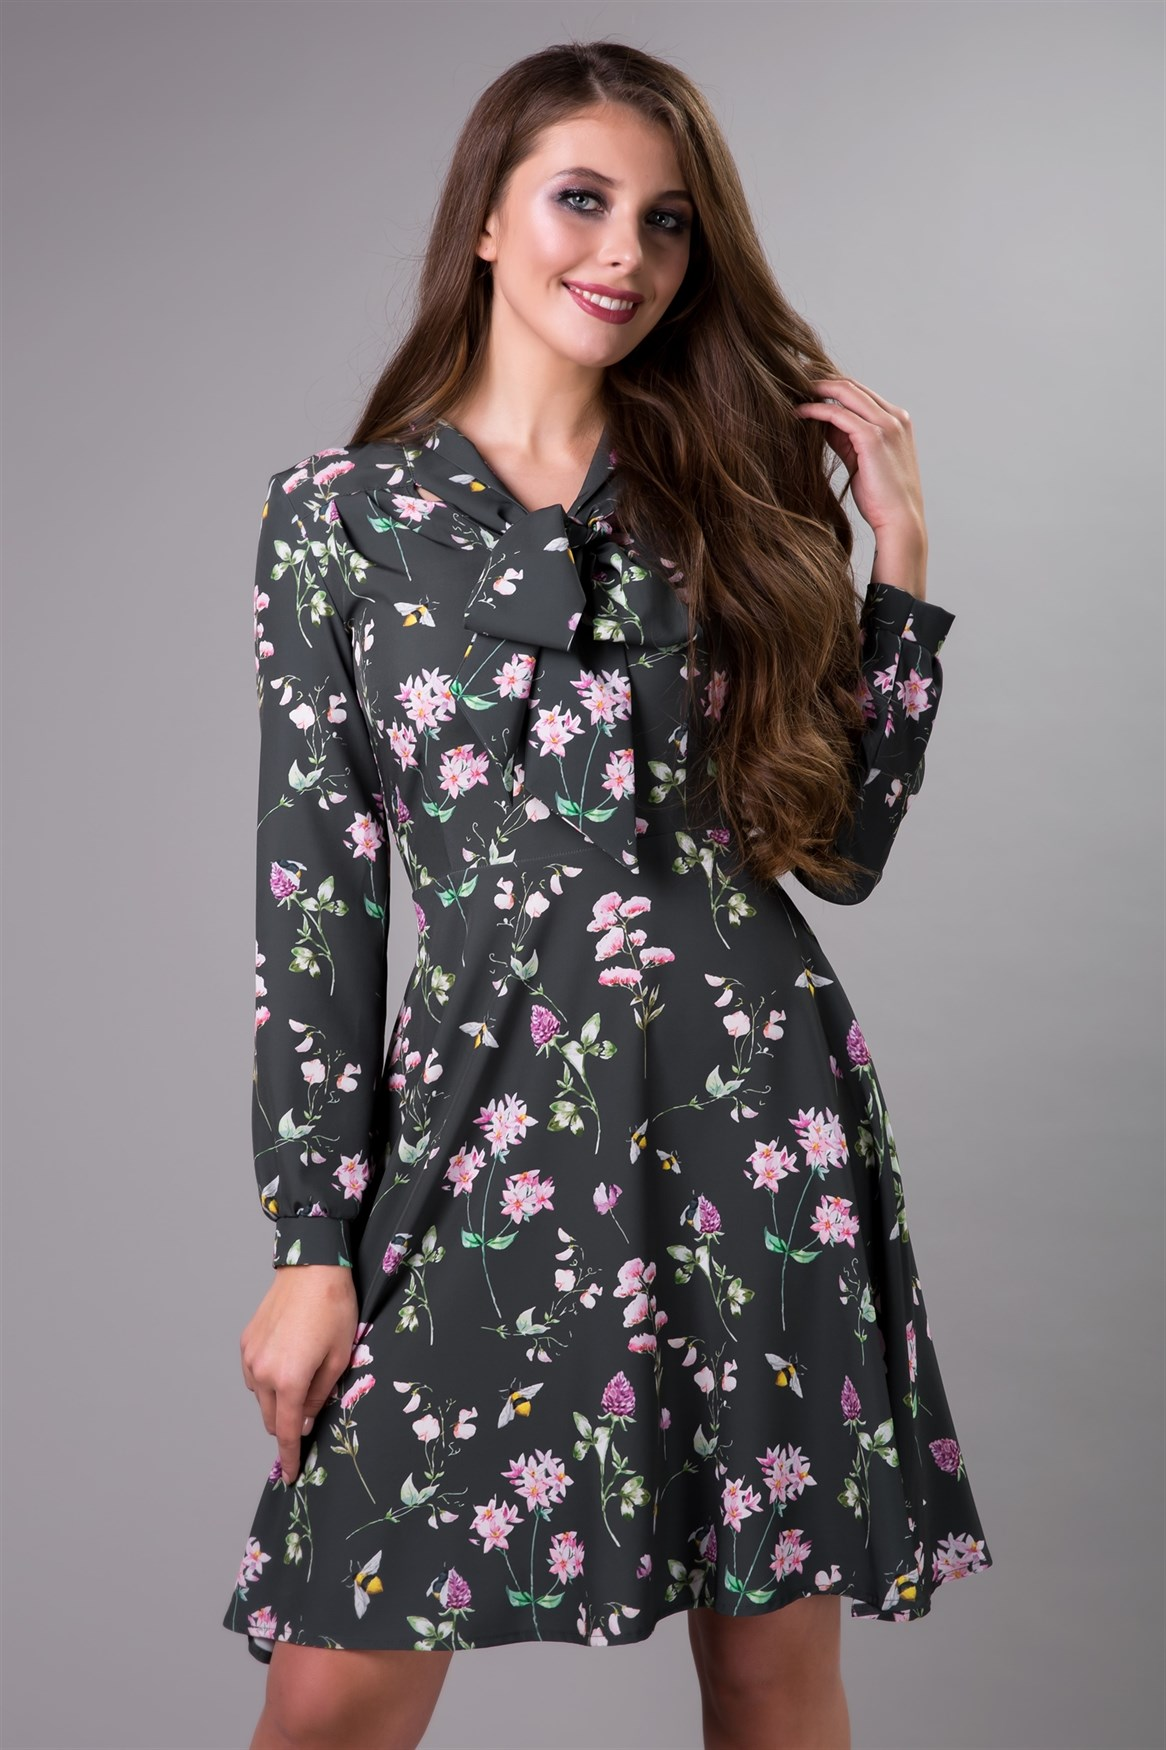 85-10 Платье с бантом - фото 7997